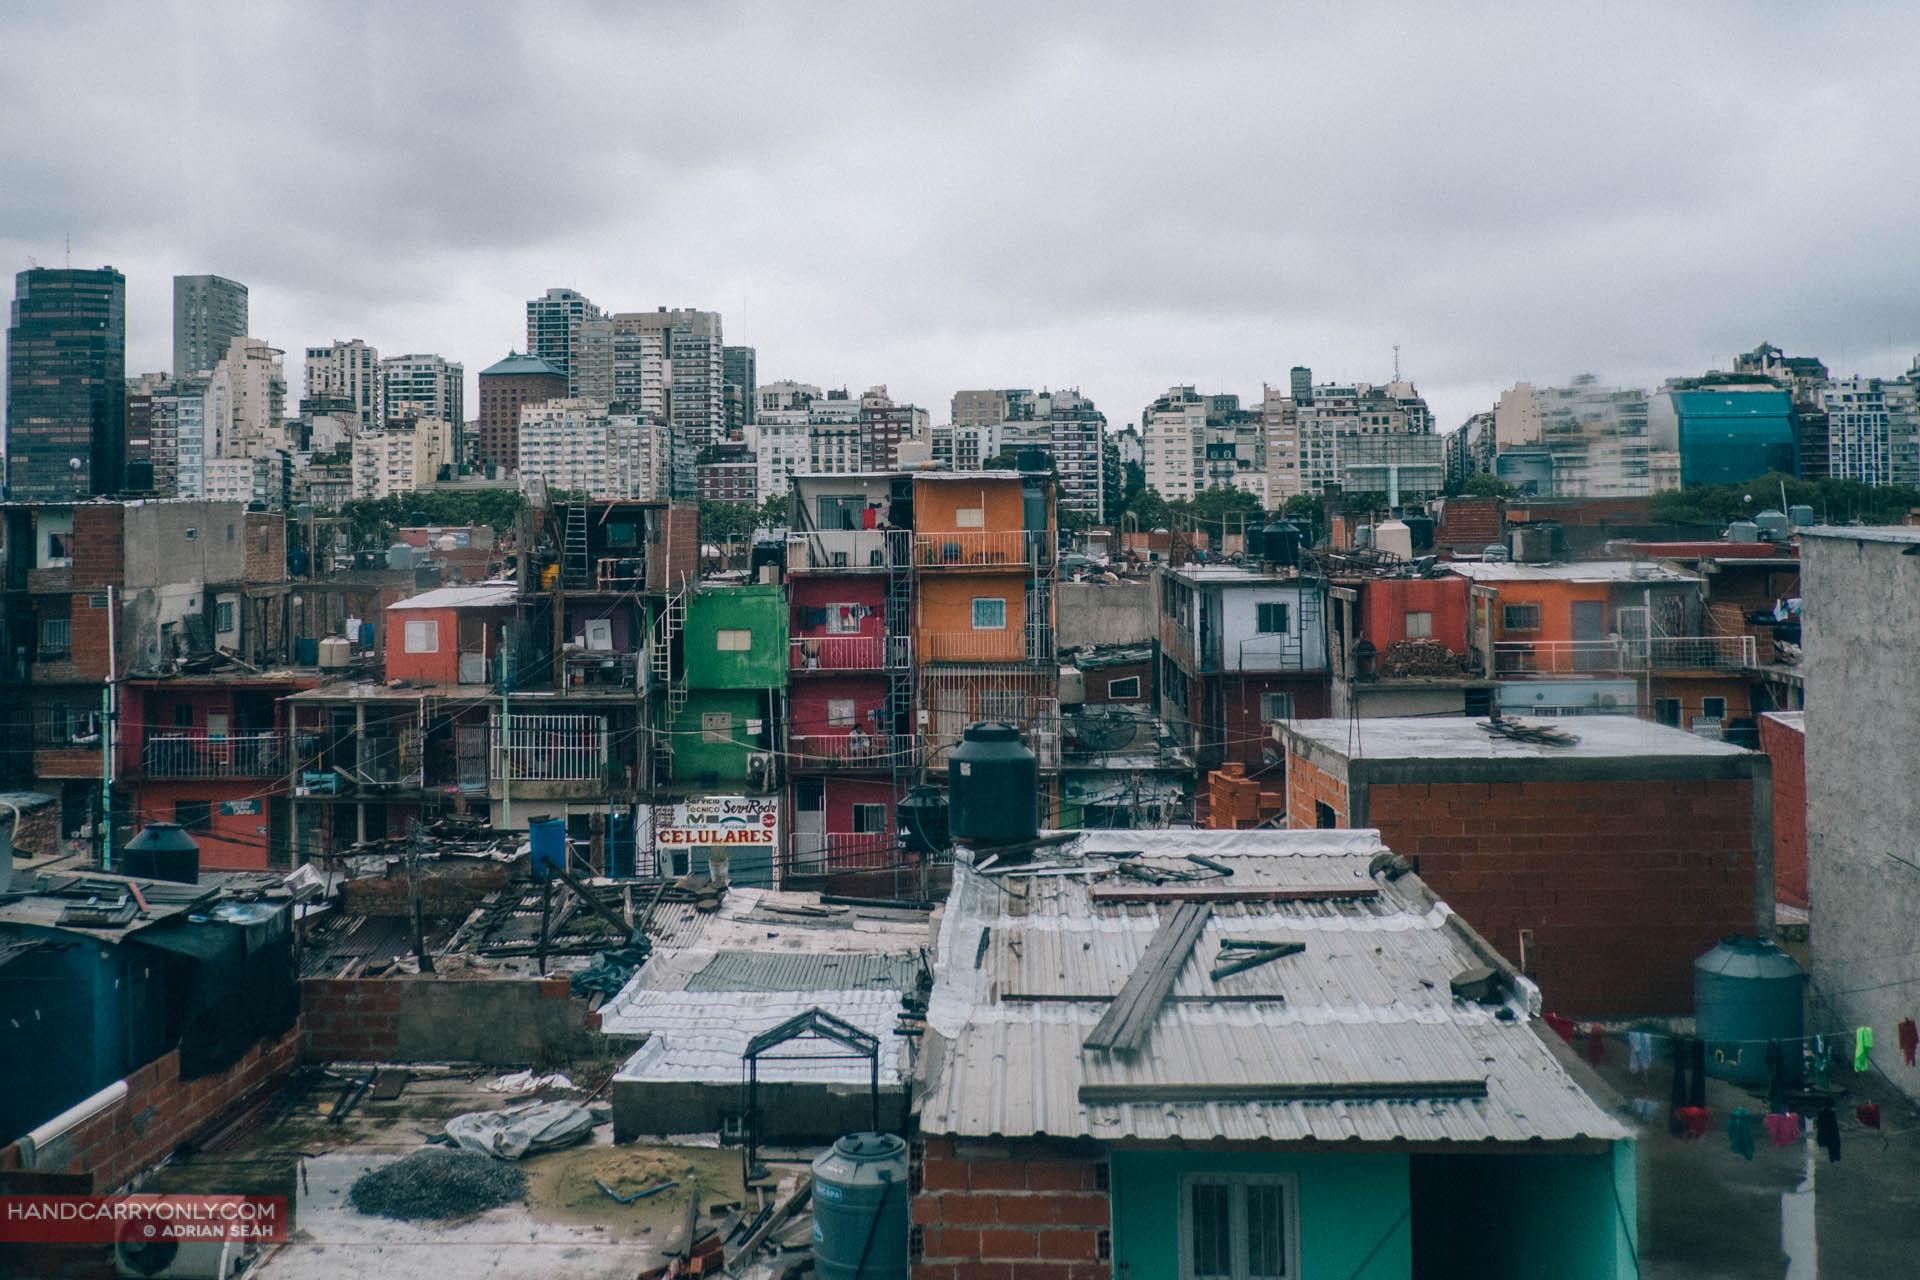 la miseria, the slums of buenos aires